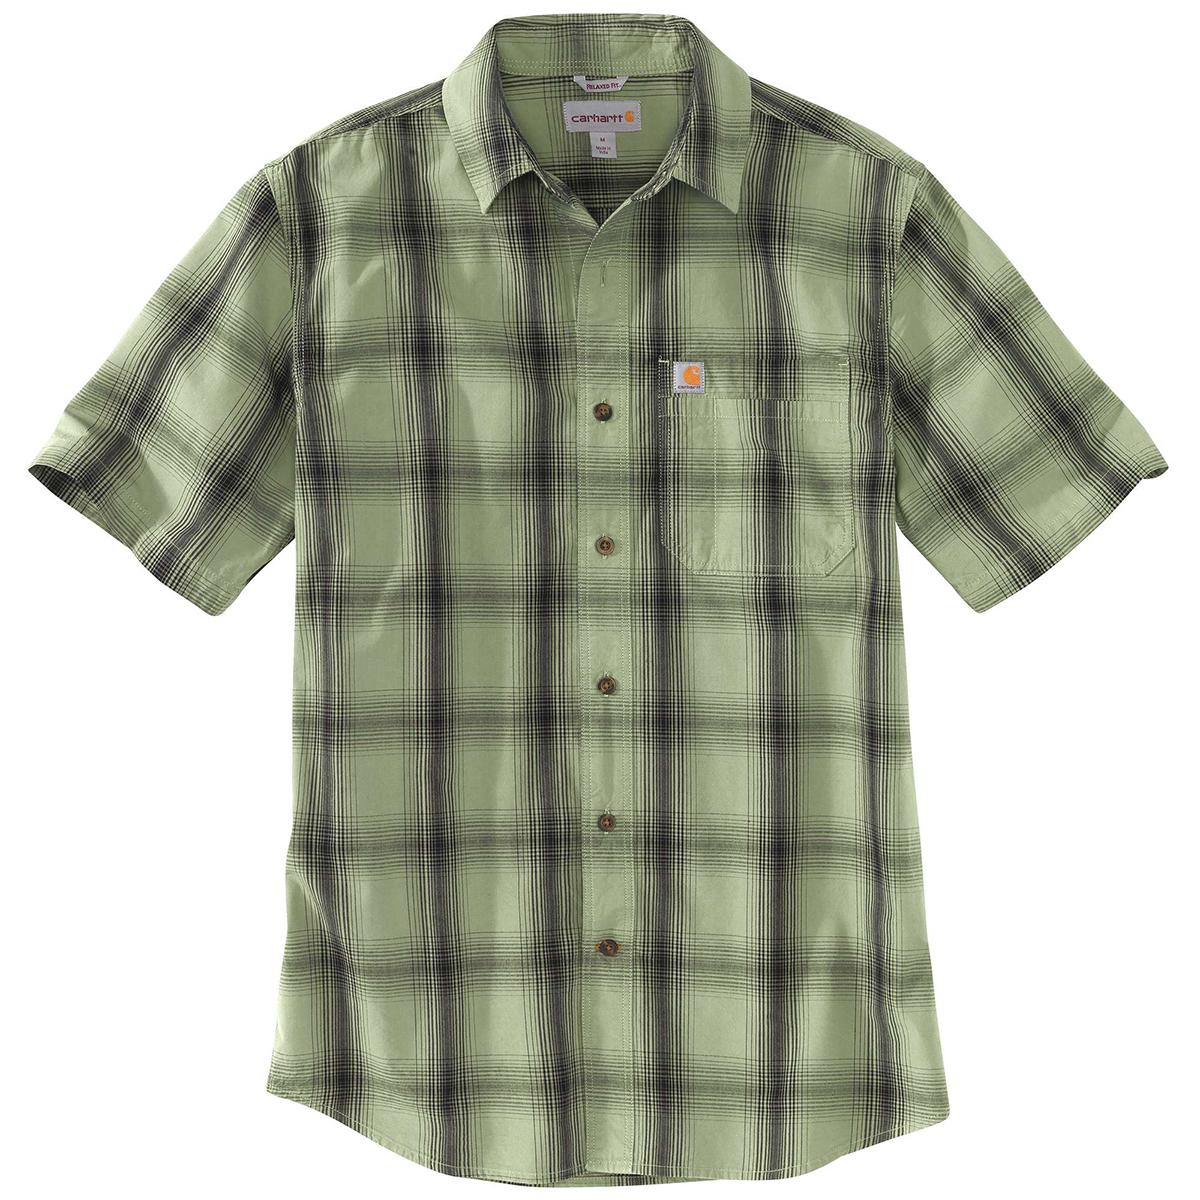 Carhartt Men's Essential Plaid Open Collar Short-Sleeve Shirt - Green, S